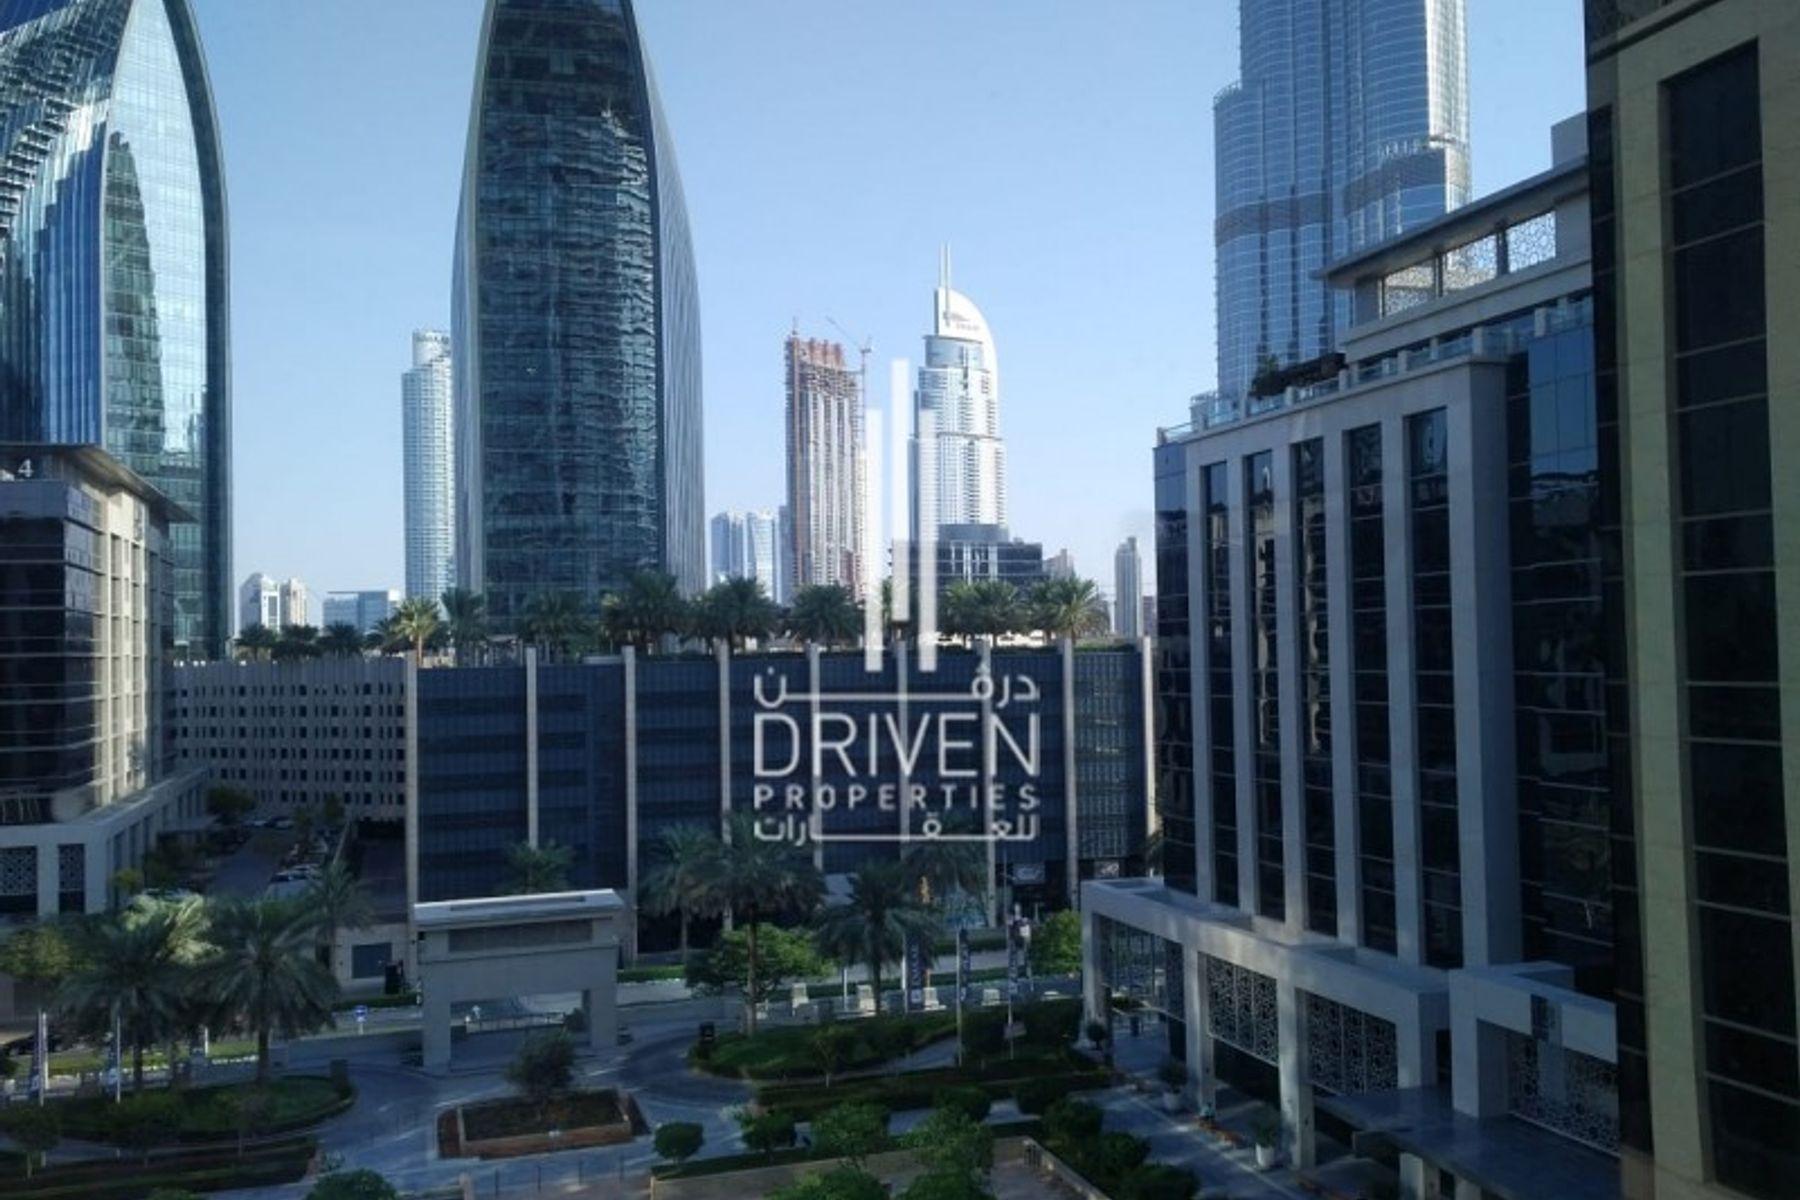 للايجار - مكتب - مبنى 4 - دبي وسط المدينة